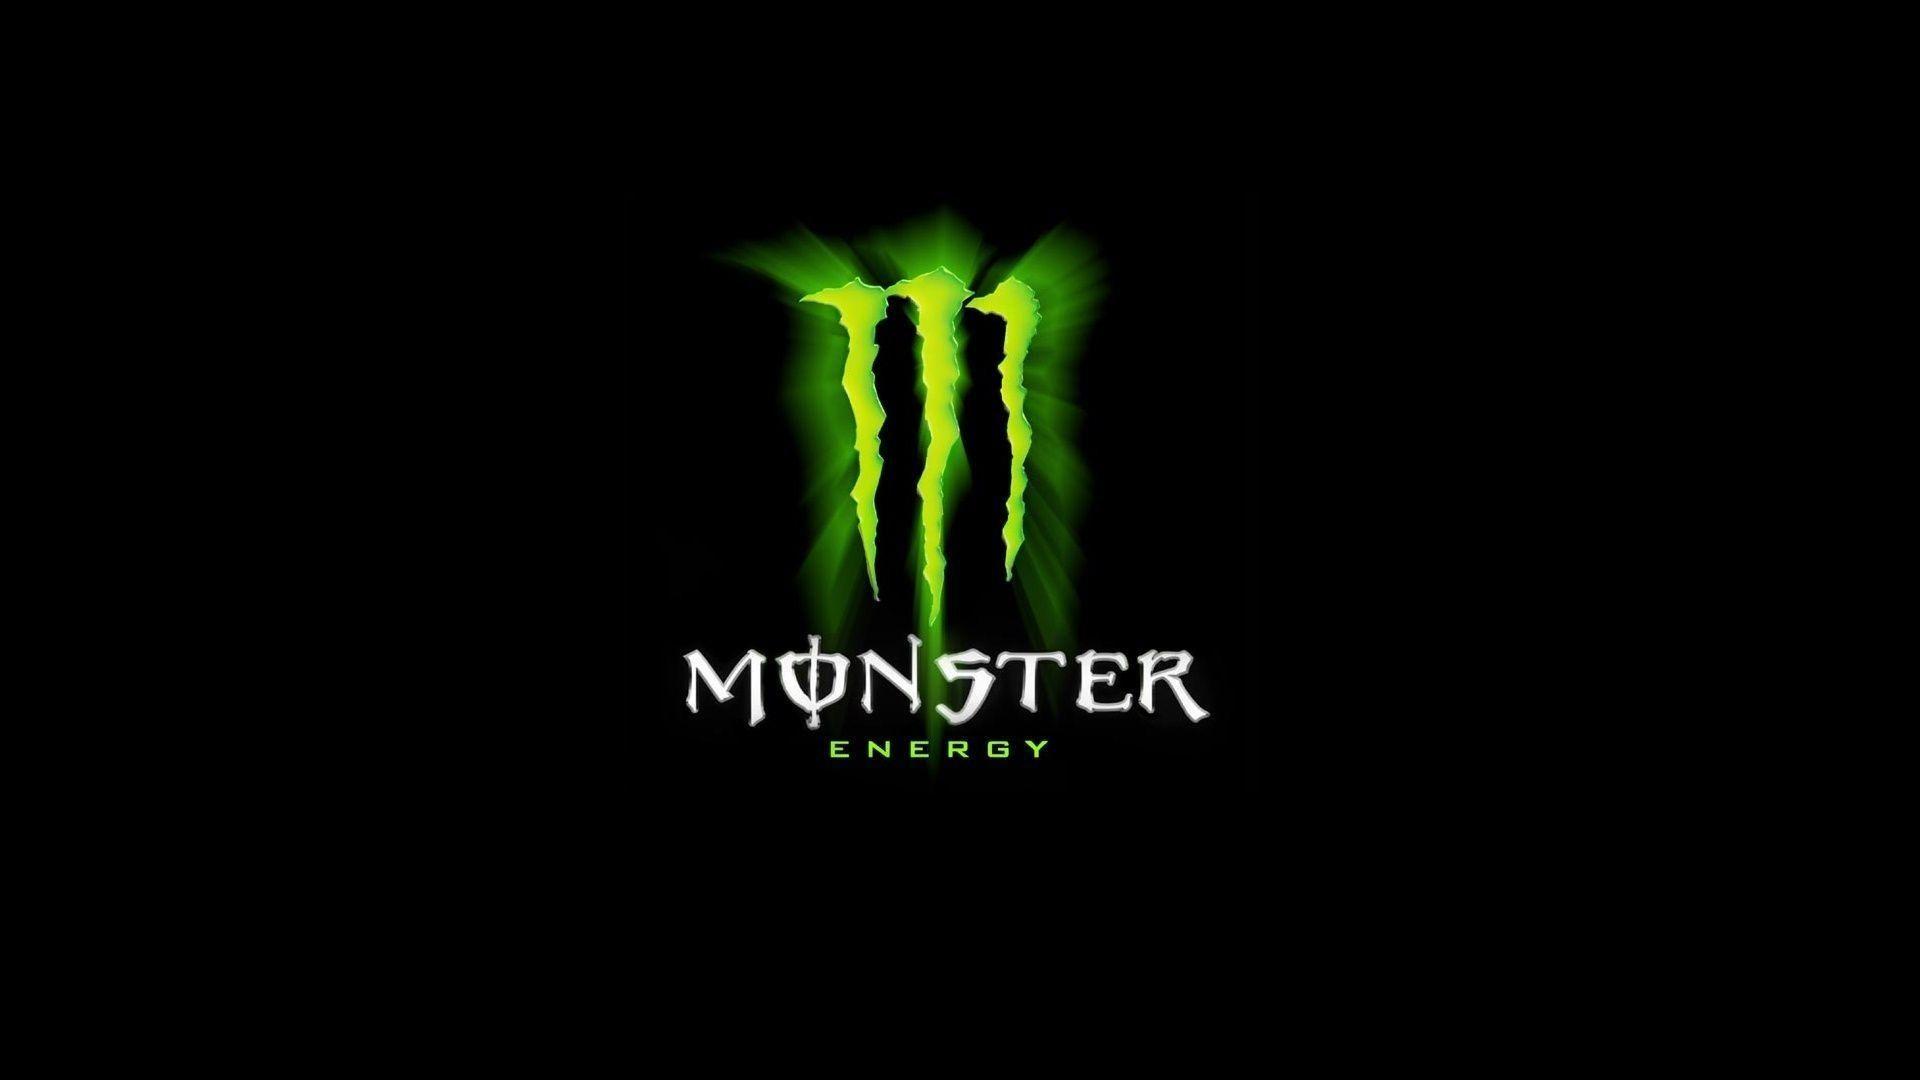 10 Latest Monster Energy Wallpaper Hd Full Hd 1080p For Pc Desktop Monster Energy Monster Energy Drink Monster Energy Drink Logo